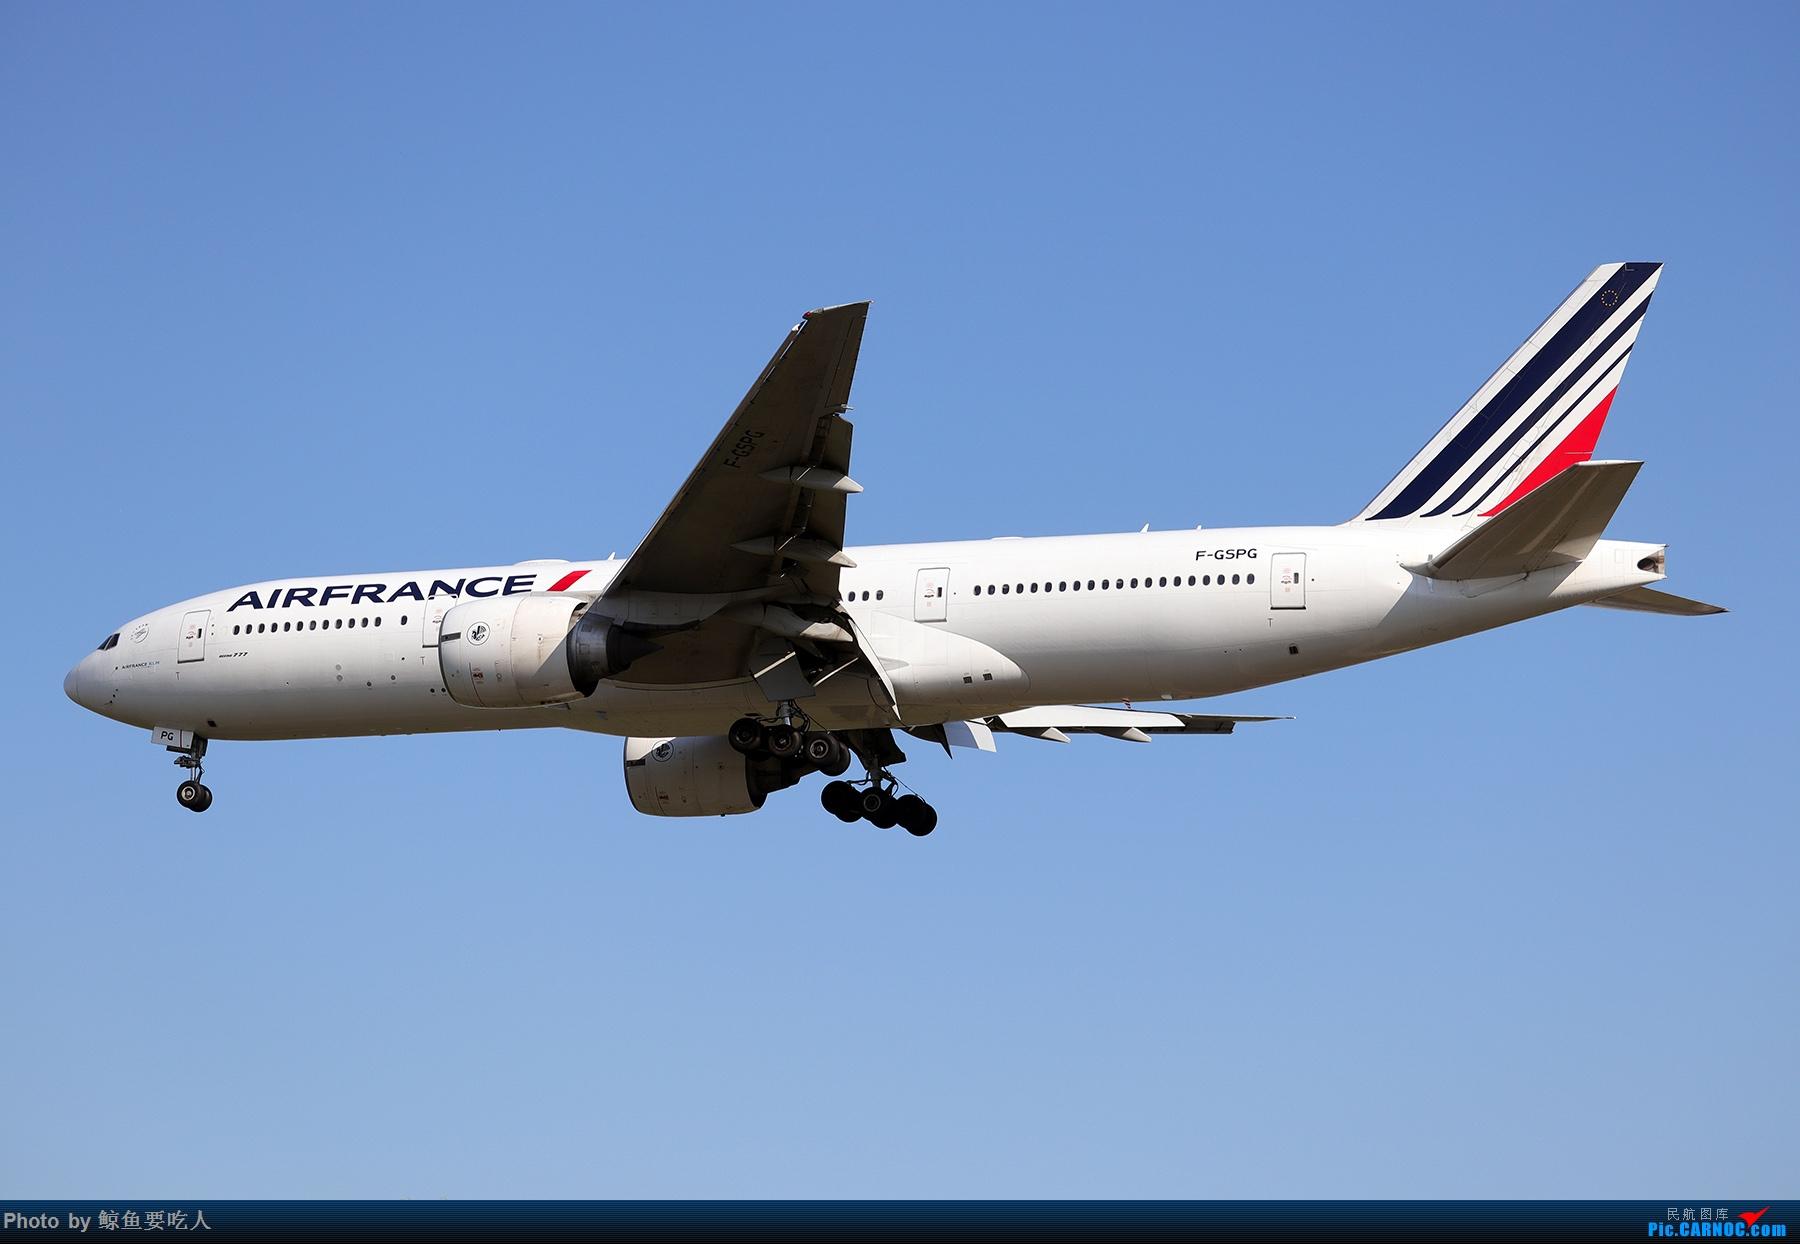 Re:[原创]【多图党】见证疫情后逐步的恢复,加拿大夏日多伦多皮尔逊机场拍机~ 乐见诸航空公司复航多伦多 BOEING 777-200ER F-GSPG 多伦多皮尔逊国际机场